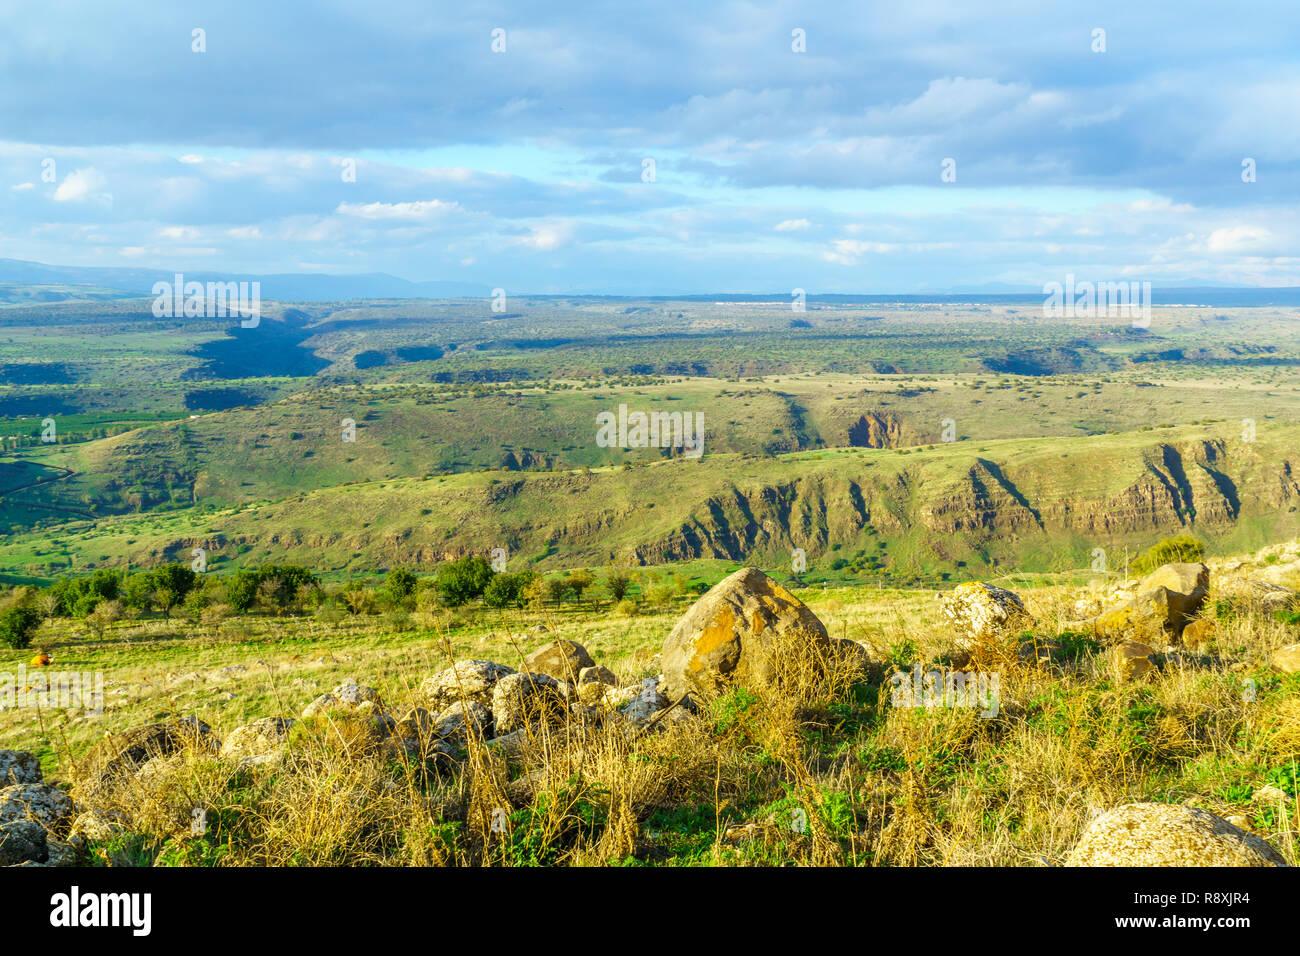 Il paesaggio della valle del Giordano e le pendici delle alture del Golan, nel nord di Israele Immagini Stock